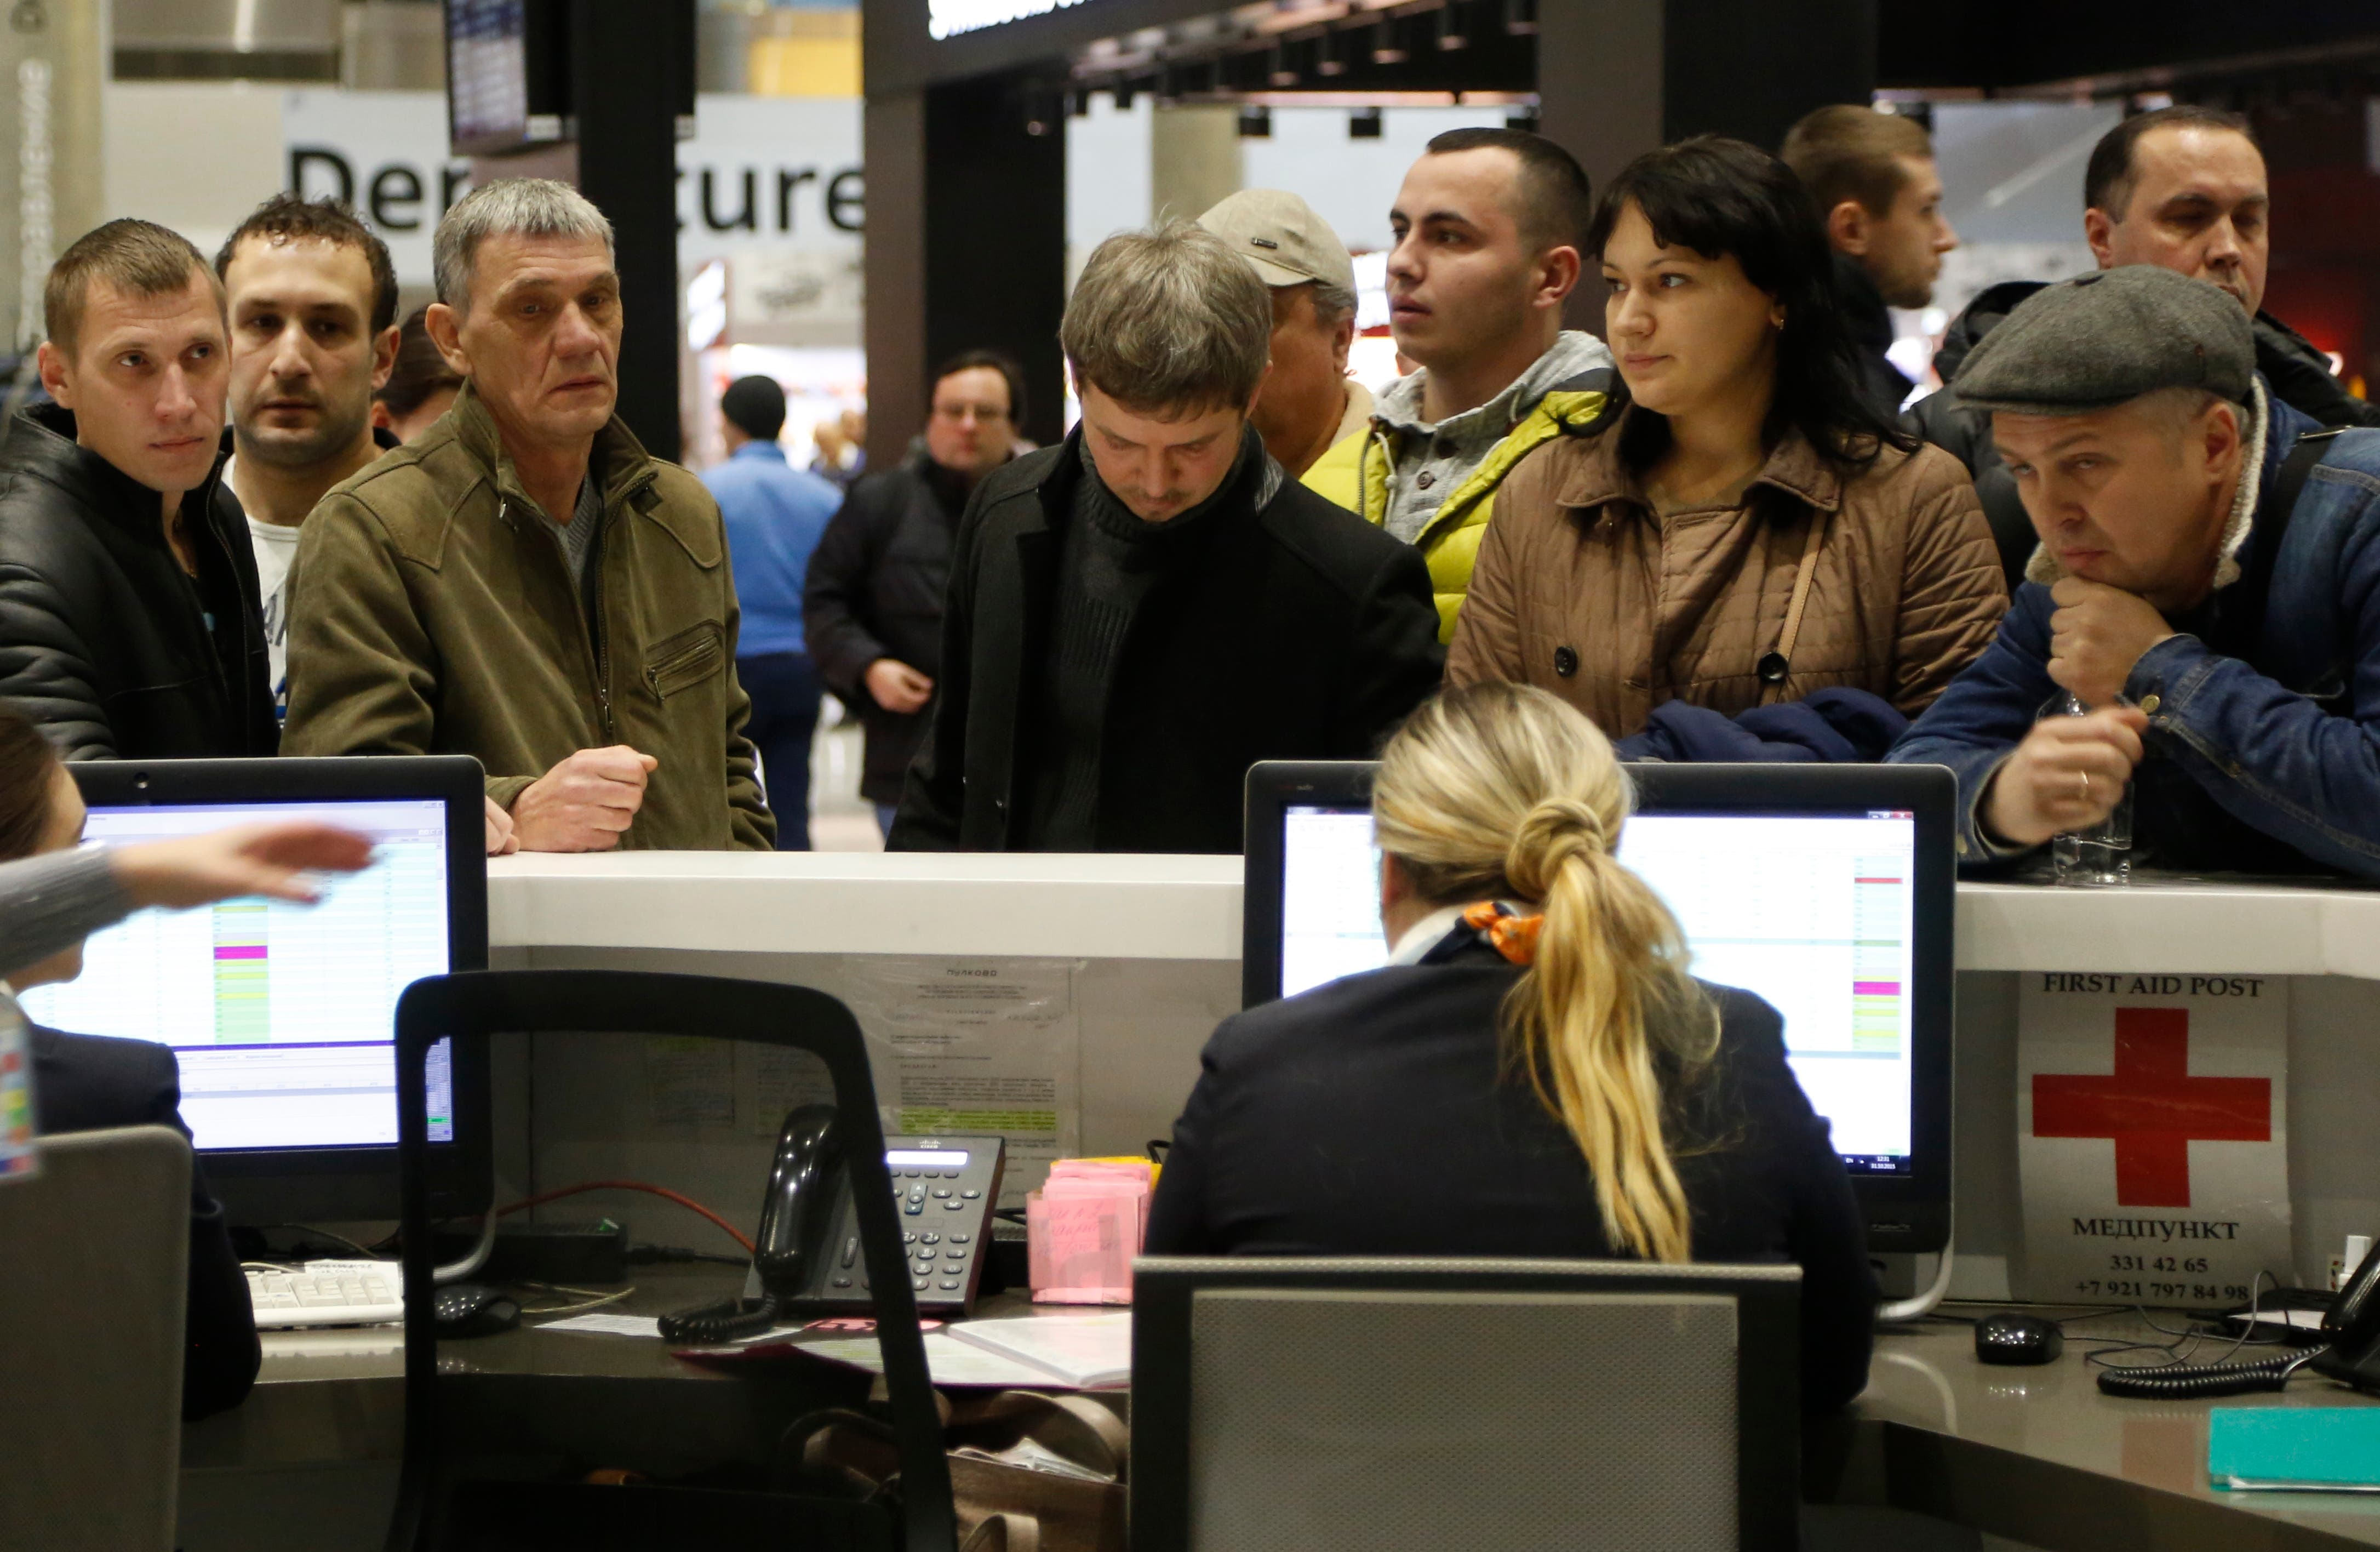 عائلات الضحايا بمقر شركة الطيران الروسية التابعة لها الطائرة المنكوبة